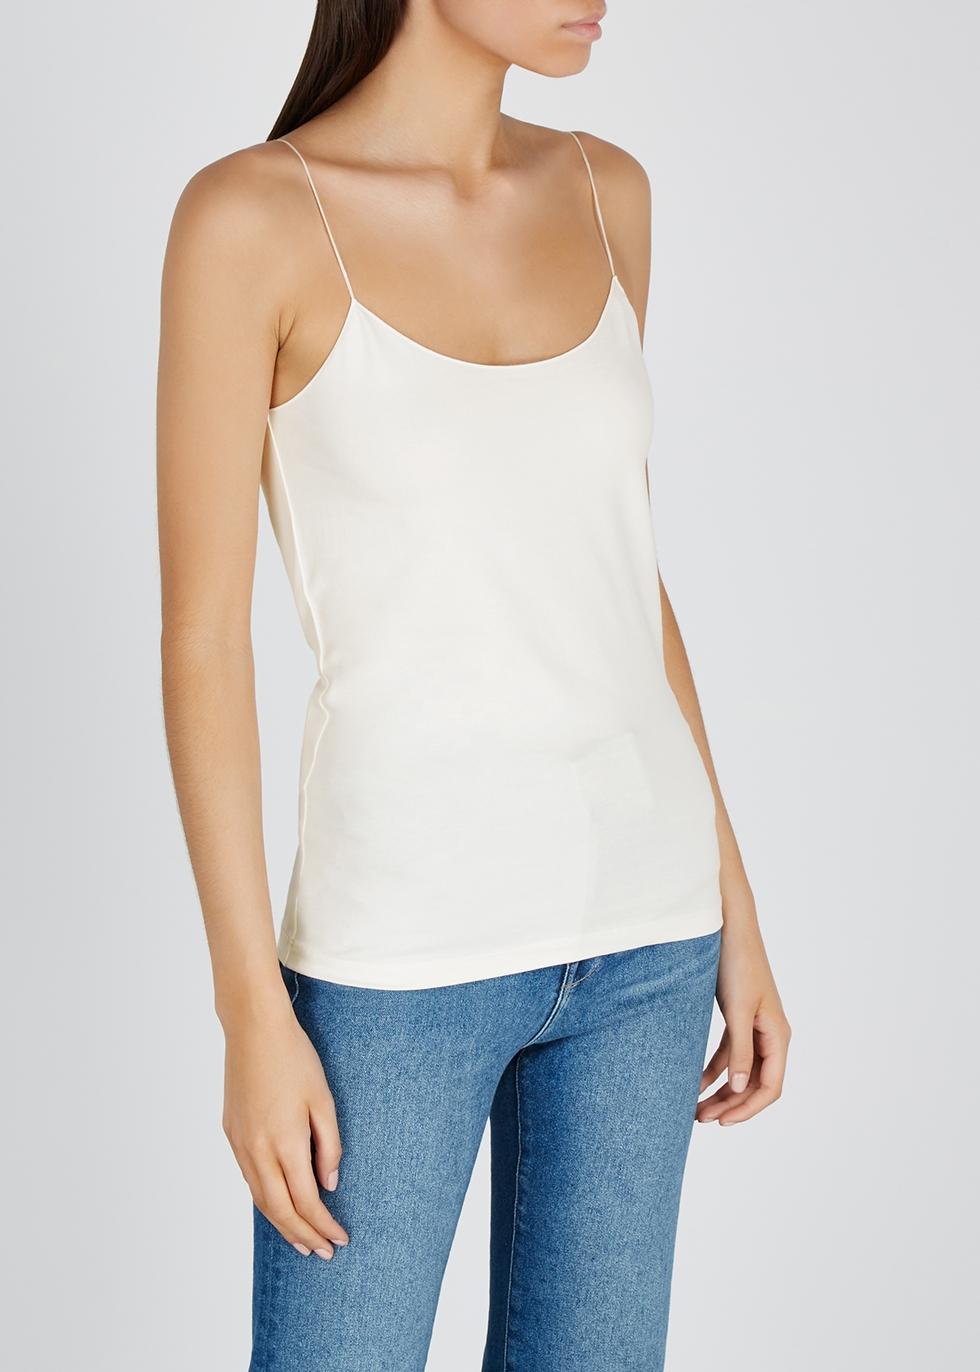 Off-white stretch-cotton top - Crea Concept